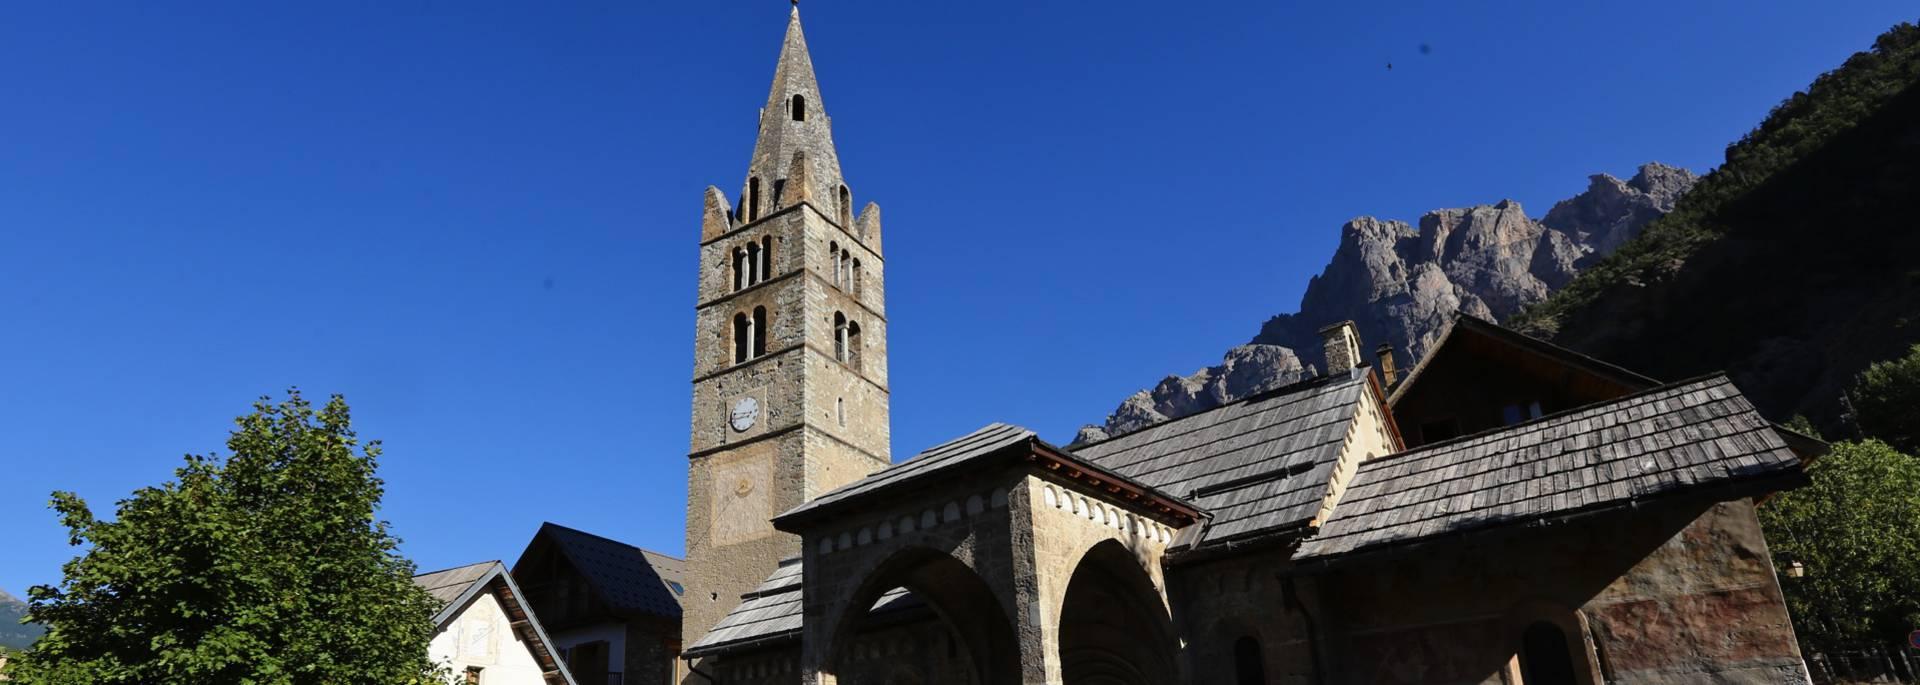 Kirche in Les Vigneaux